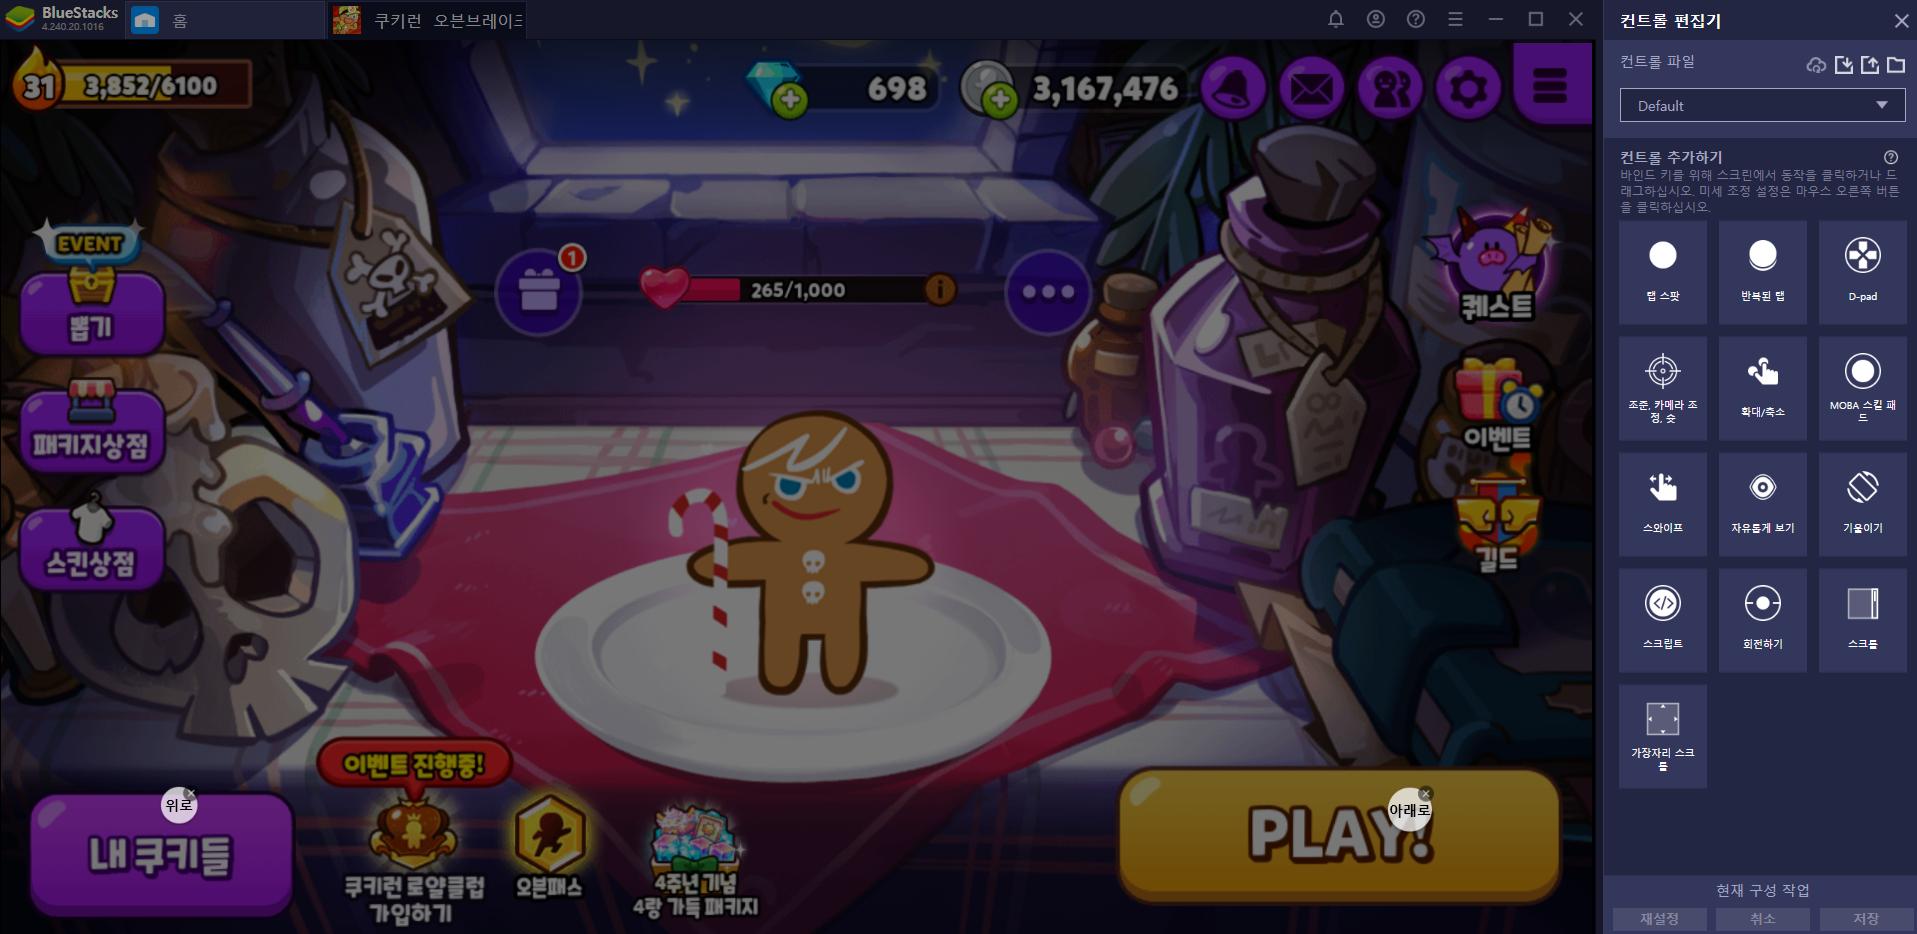 쿠키런 오븐브레이크 점수를 올릴 수 있도록 PC에서 시작하세요!